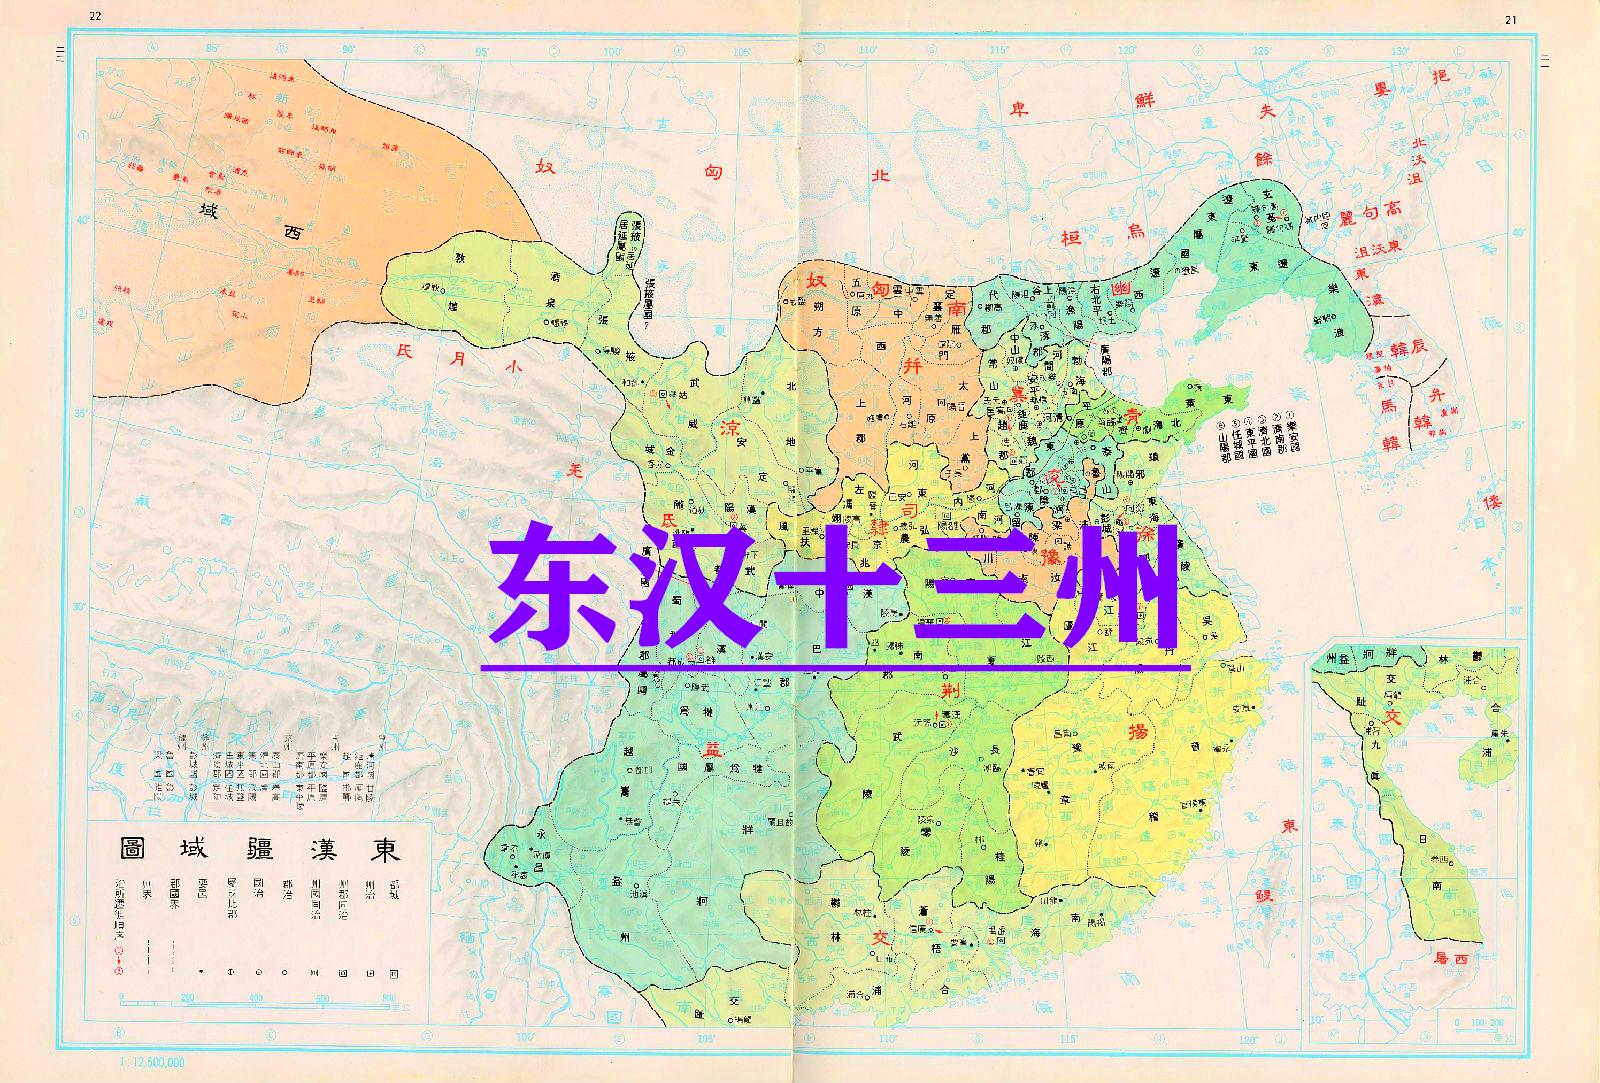 谁才算是东汉分裂为三国的罪魁祸